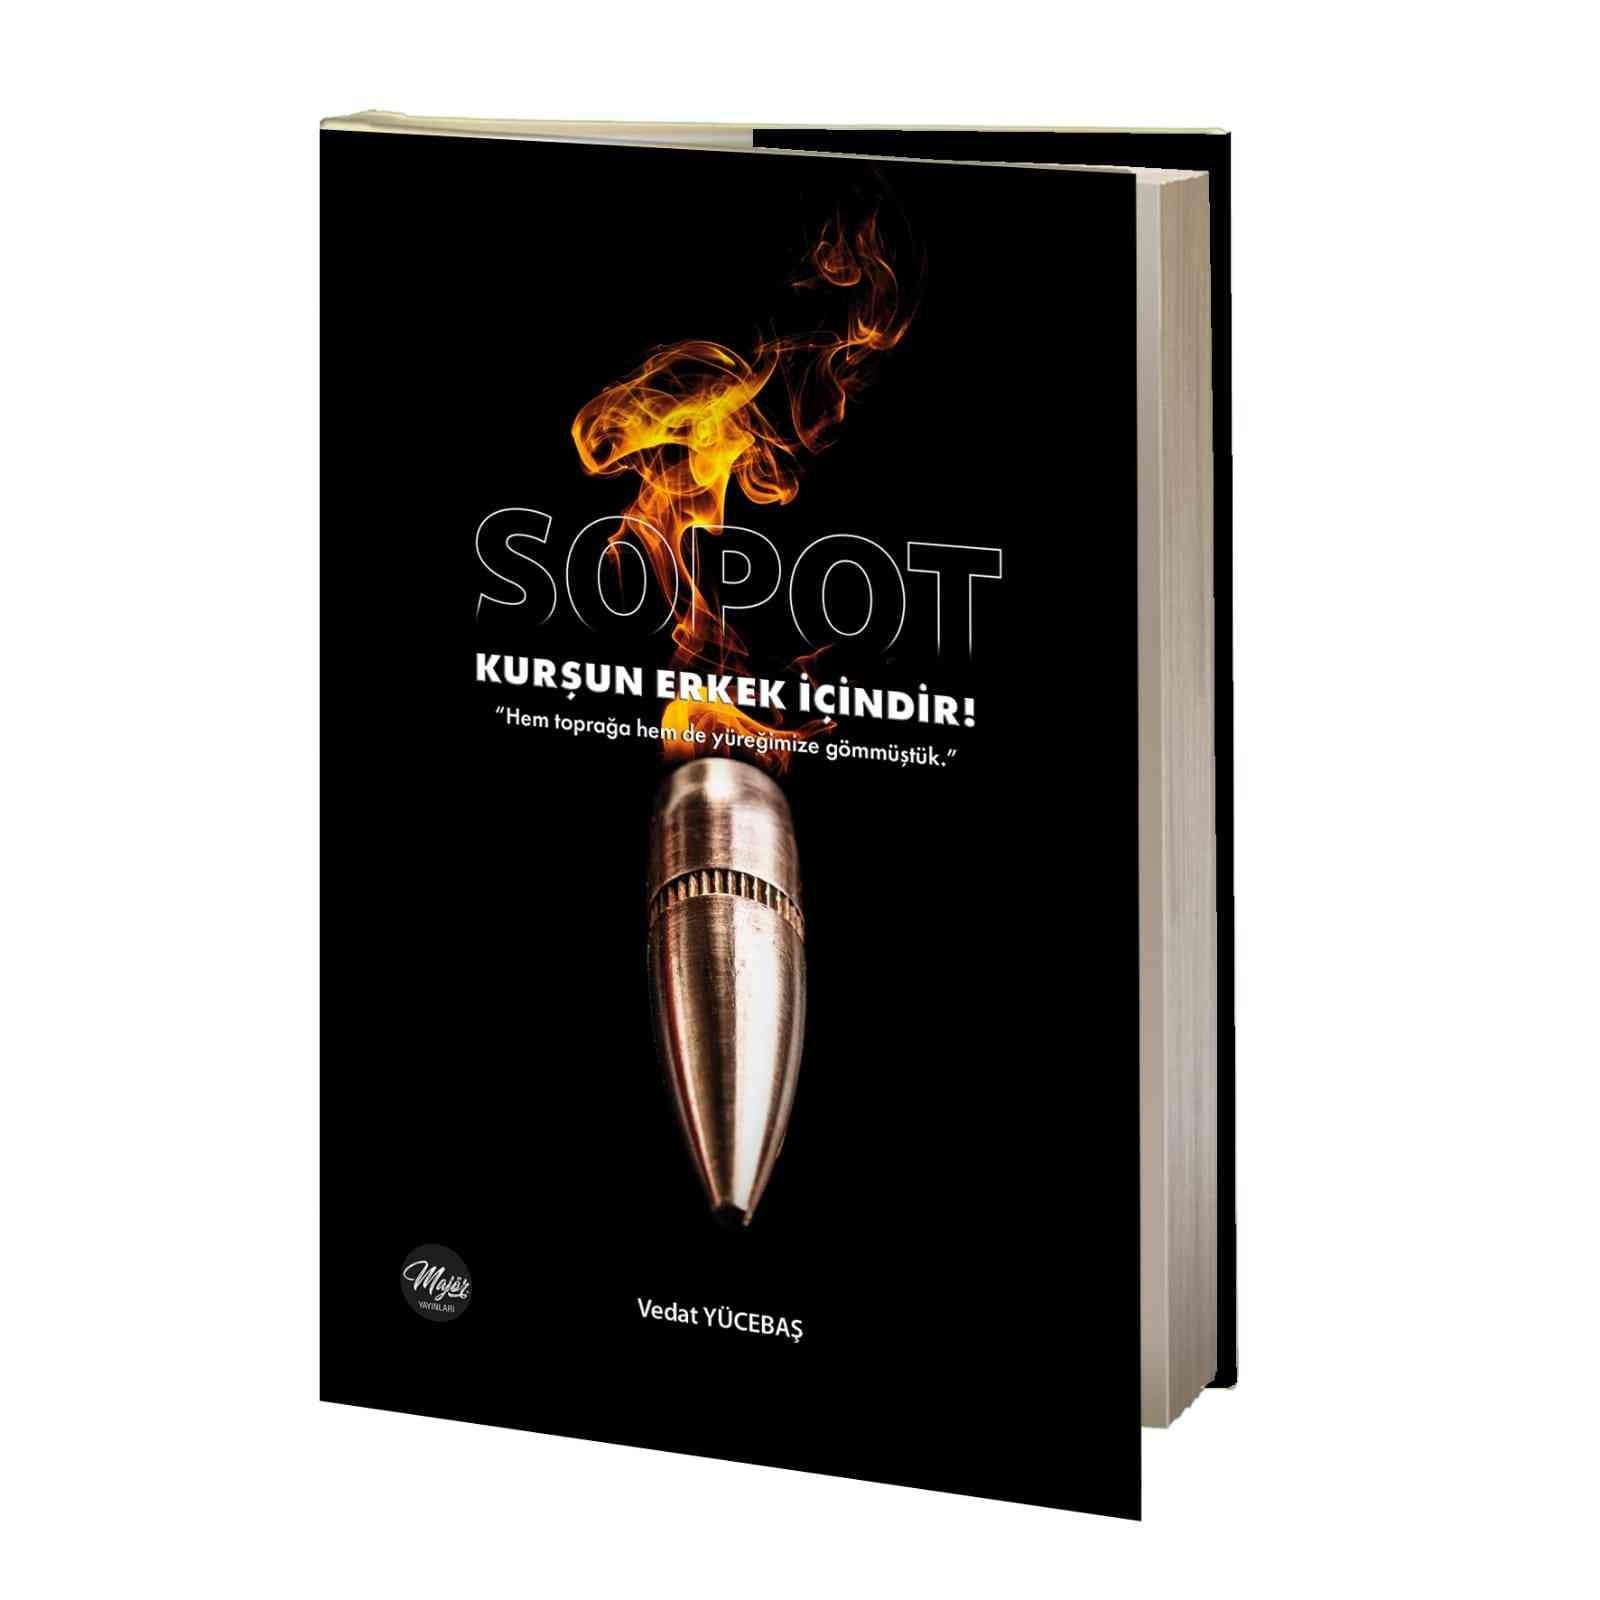 Bursalı gazetecinin ilk kitabı ' Sopot ' yayınlandı